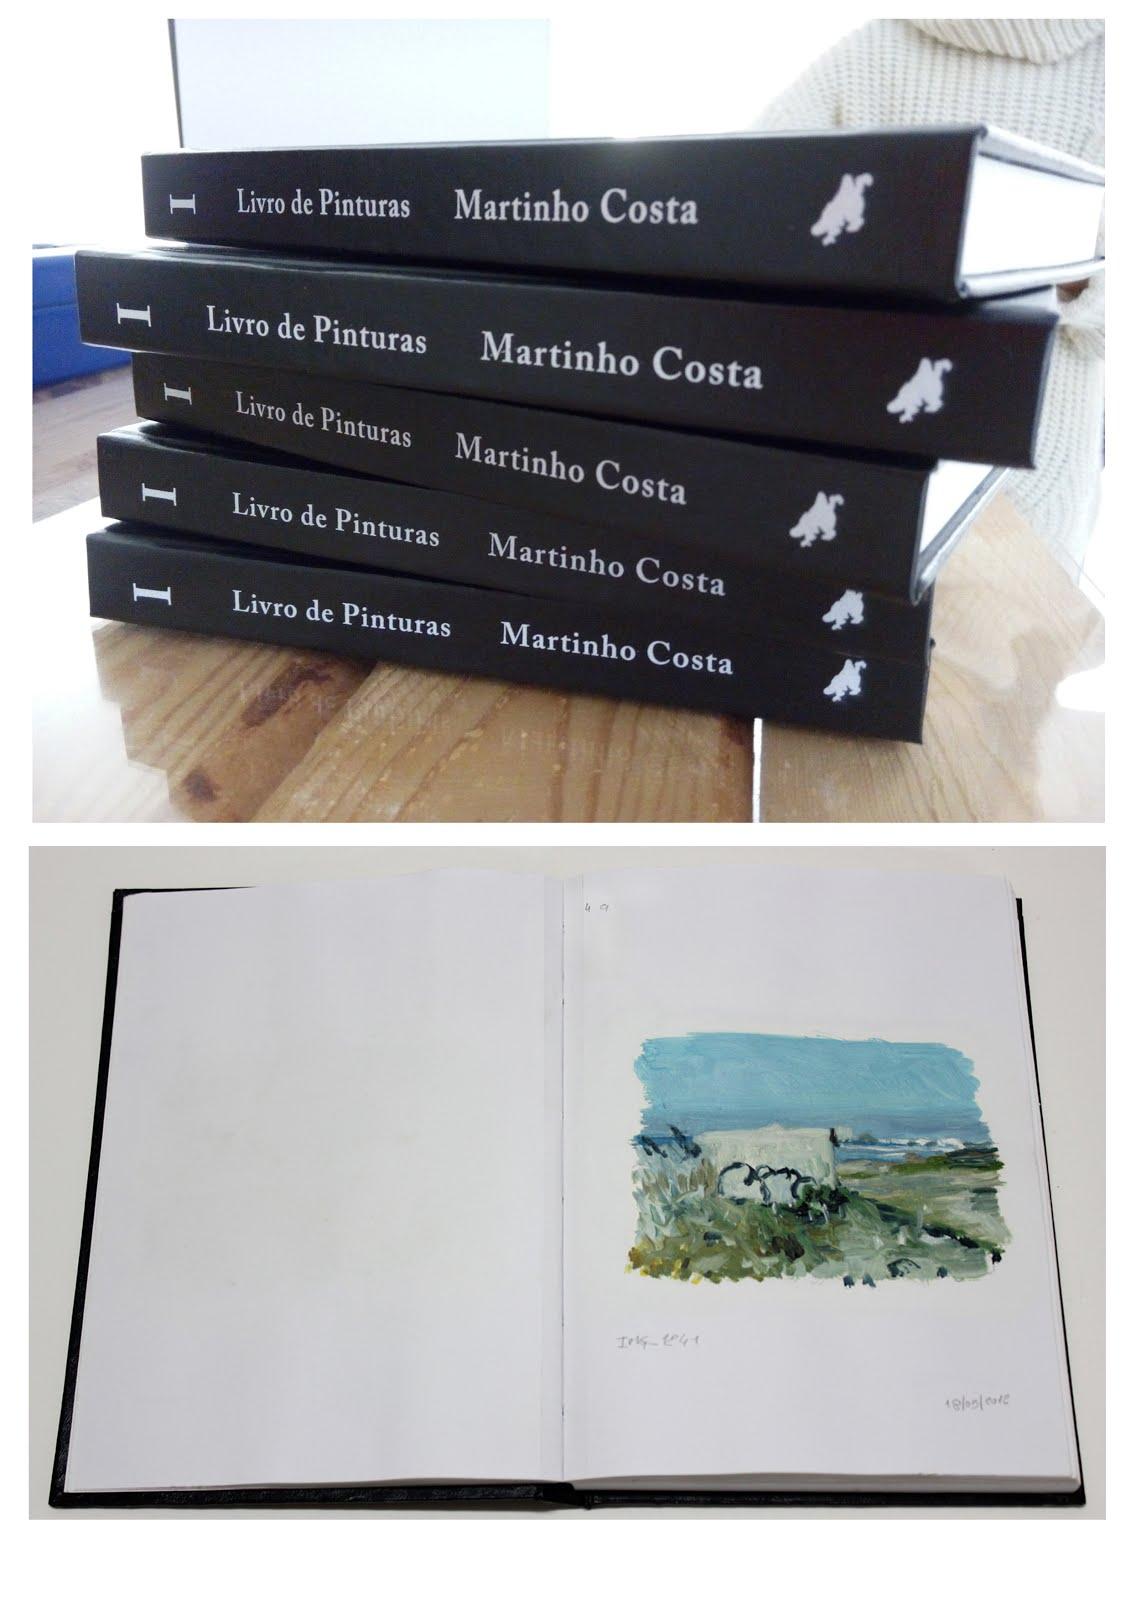 Livro de Pinturas I